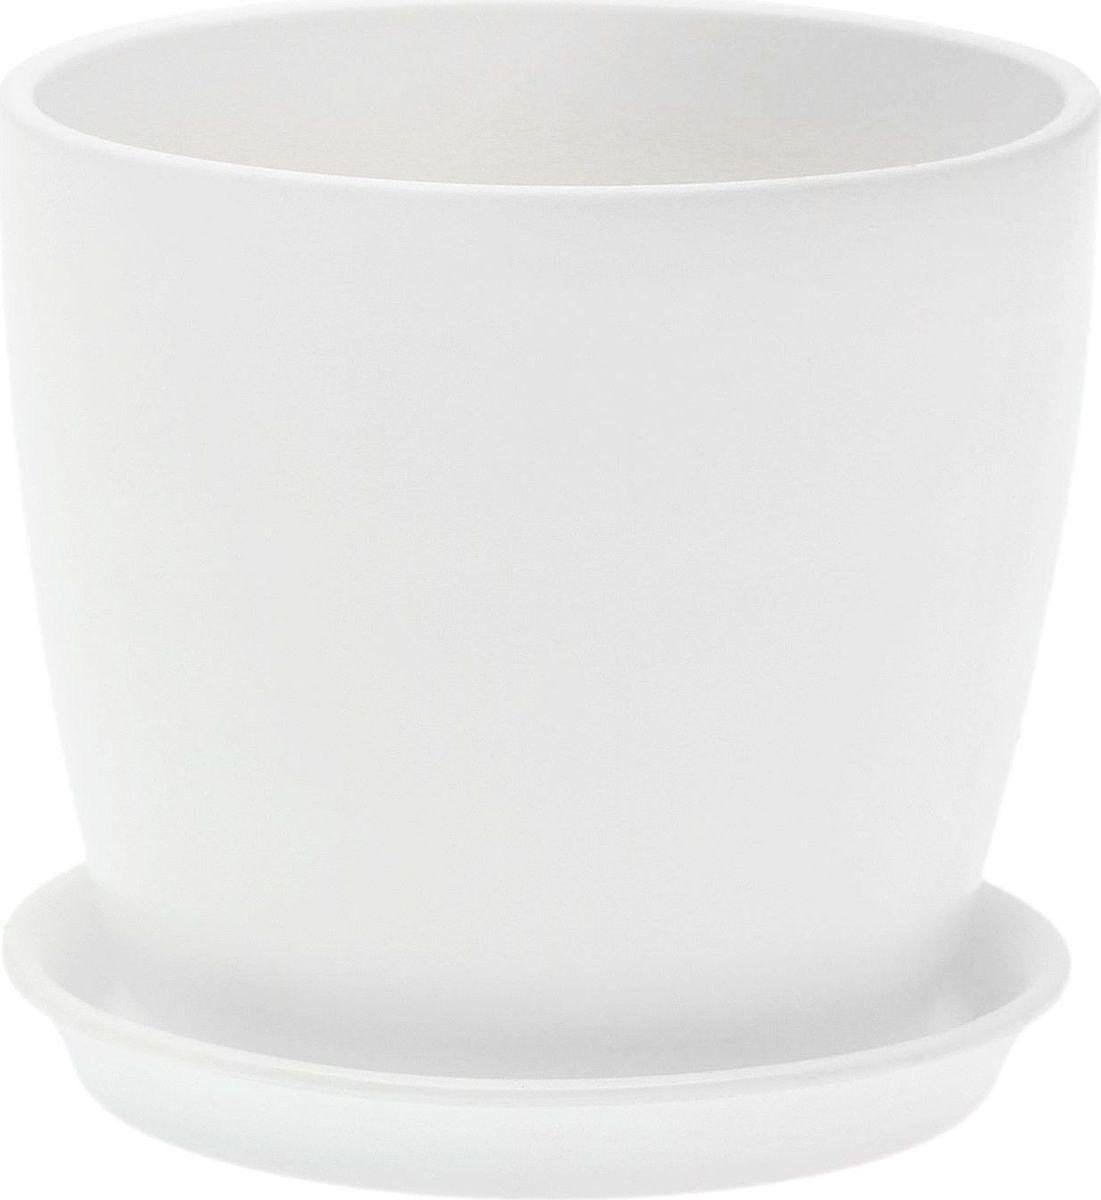 Кашпо Керамика ручной работы Осень. Лак, цвет: белый, 0,25 л1968861Комнатные растения — всеобщие любимцы. Они радуют глаз, насыщают помещение кислородом и украшают пространство. Каждому из них необходим свой удобный и красивый дом. Кашпо из керамики прекрасно подходят для высадки растений: за счёт пластичности глины и разных способов обработки существует великое множество форм и дизайновпористый материал позволяет испаряться лишней влагевоздух, необходимый для дыхания корней, проникает сквозь керамические стенки! #name# позаботится о зелёном питомце, освежит интерьер и подчеркнёт его стиль.